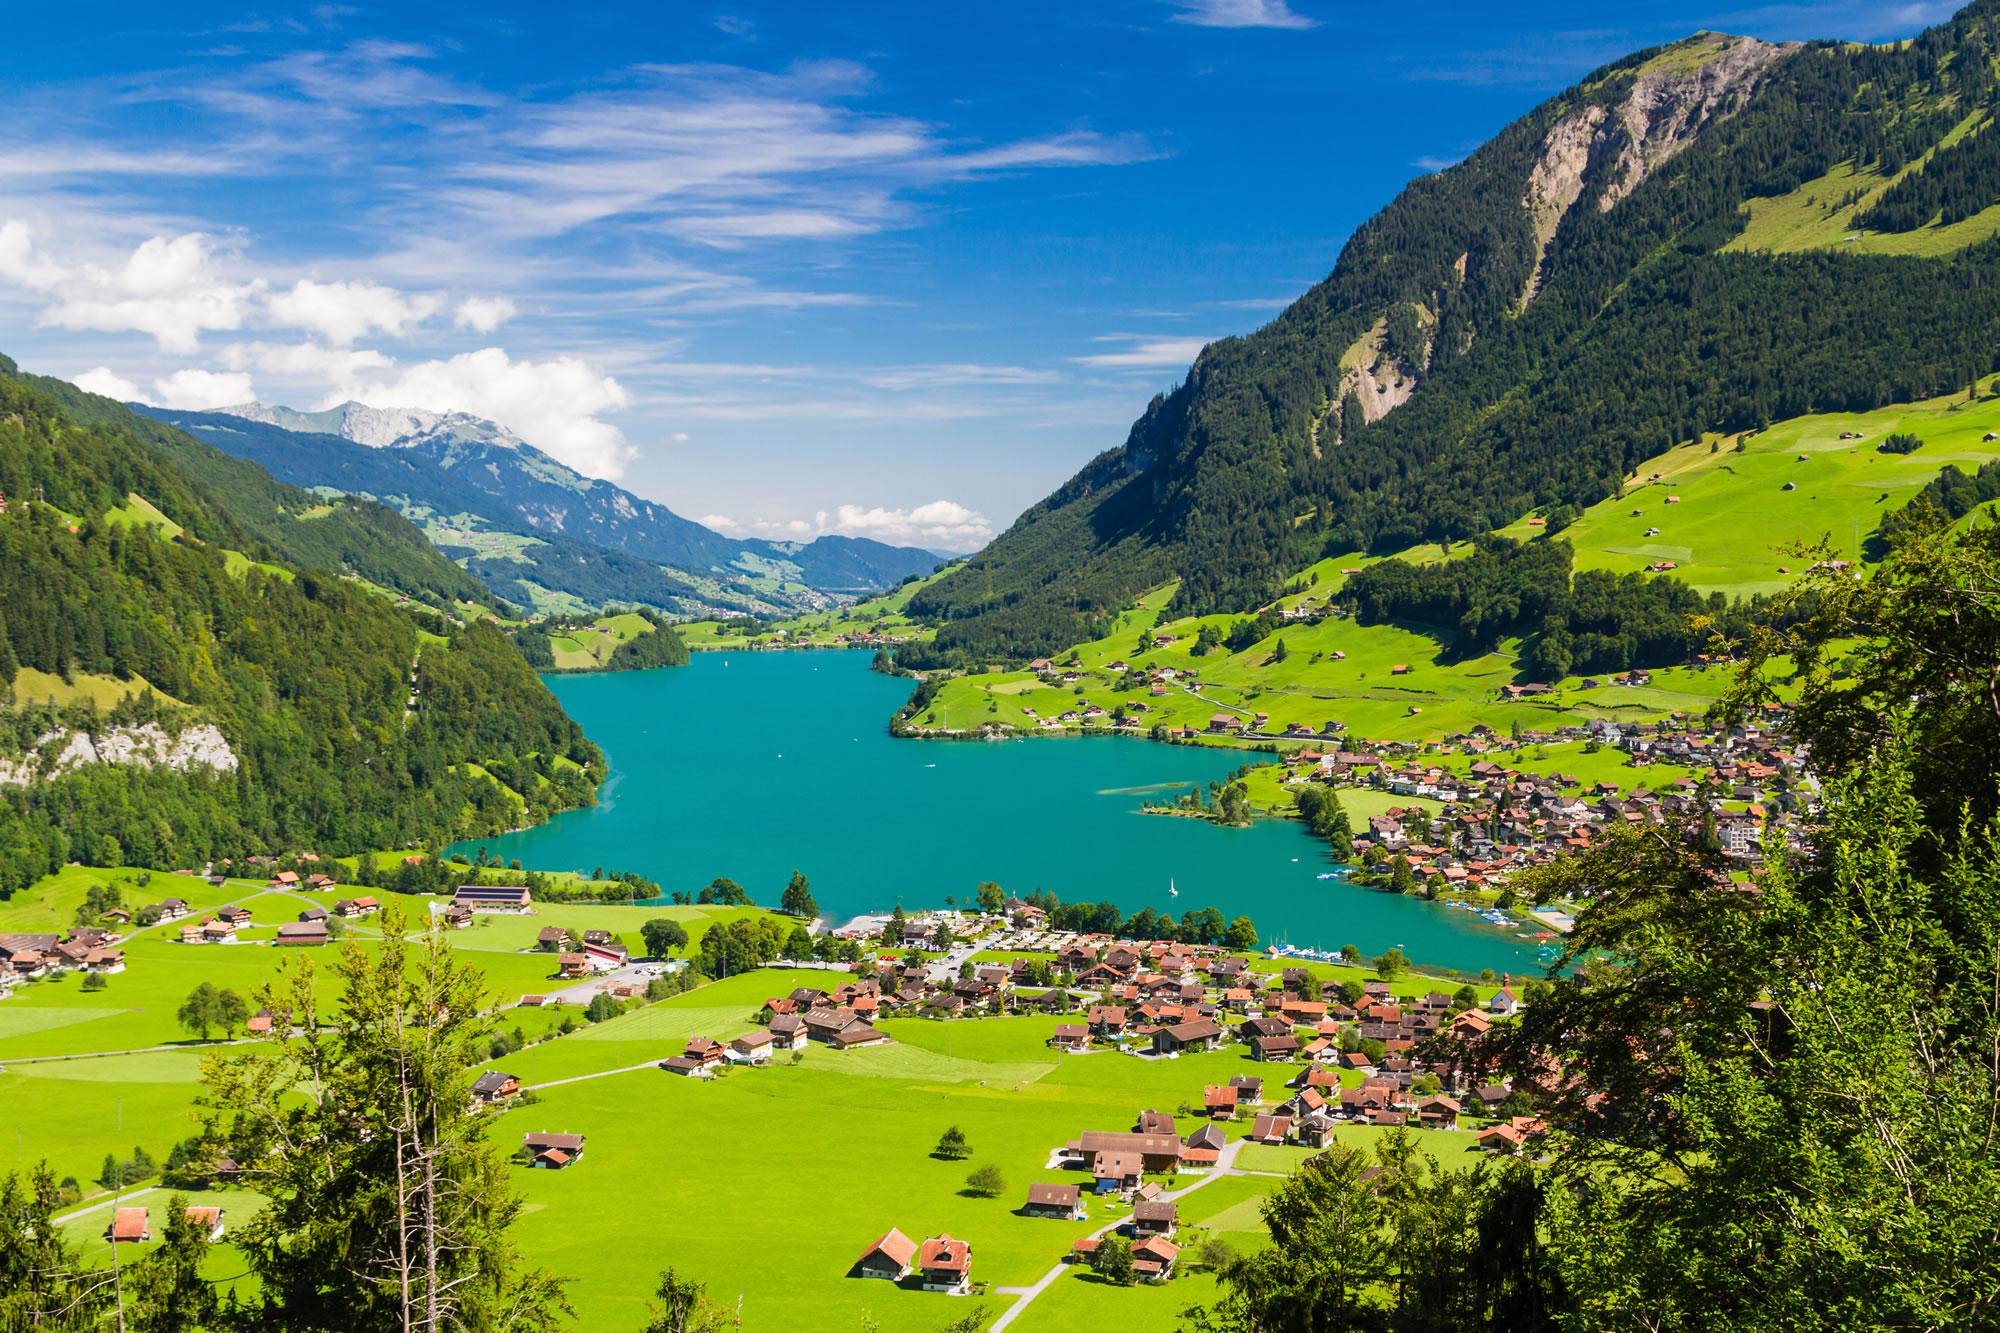 Lake Lungern Valley, Switzerland